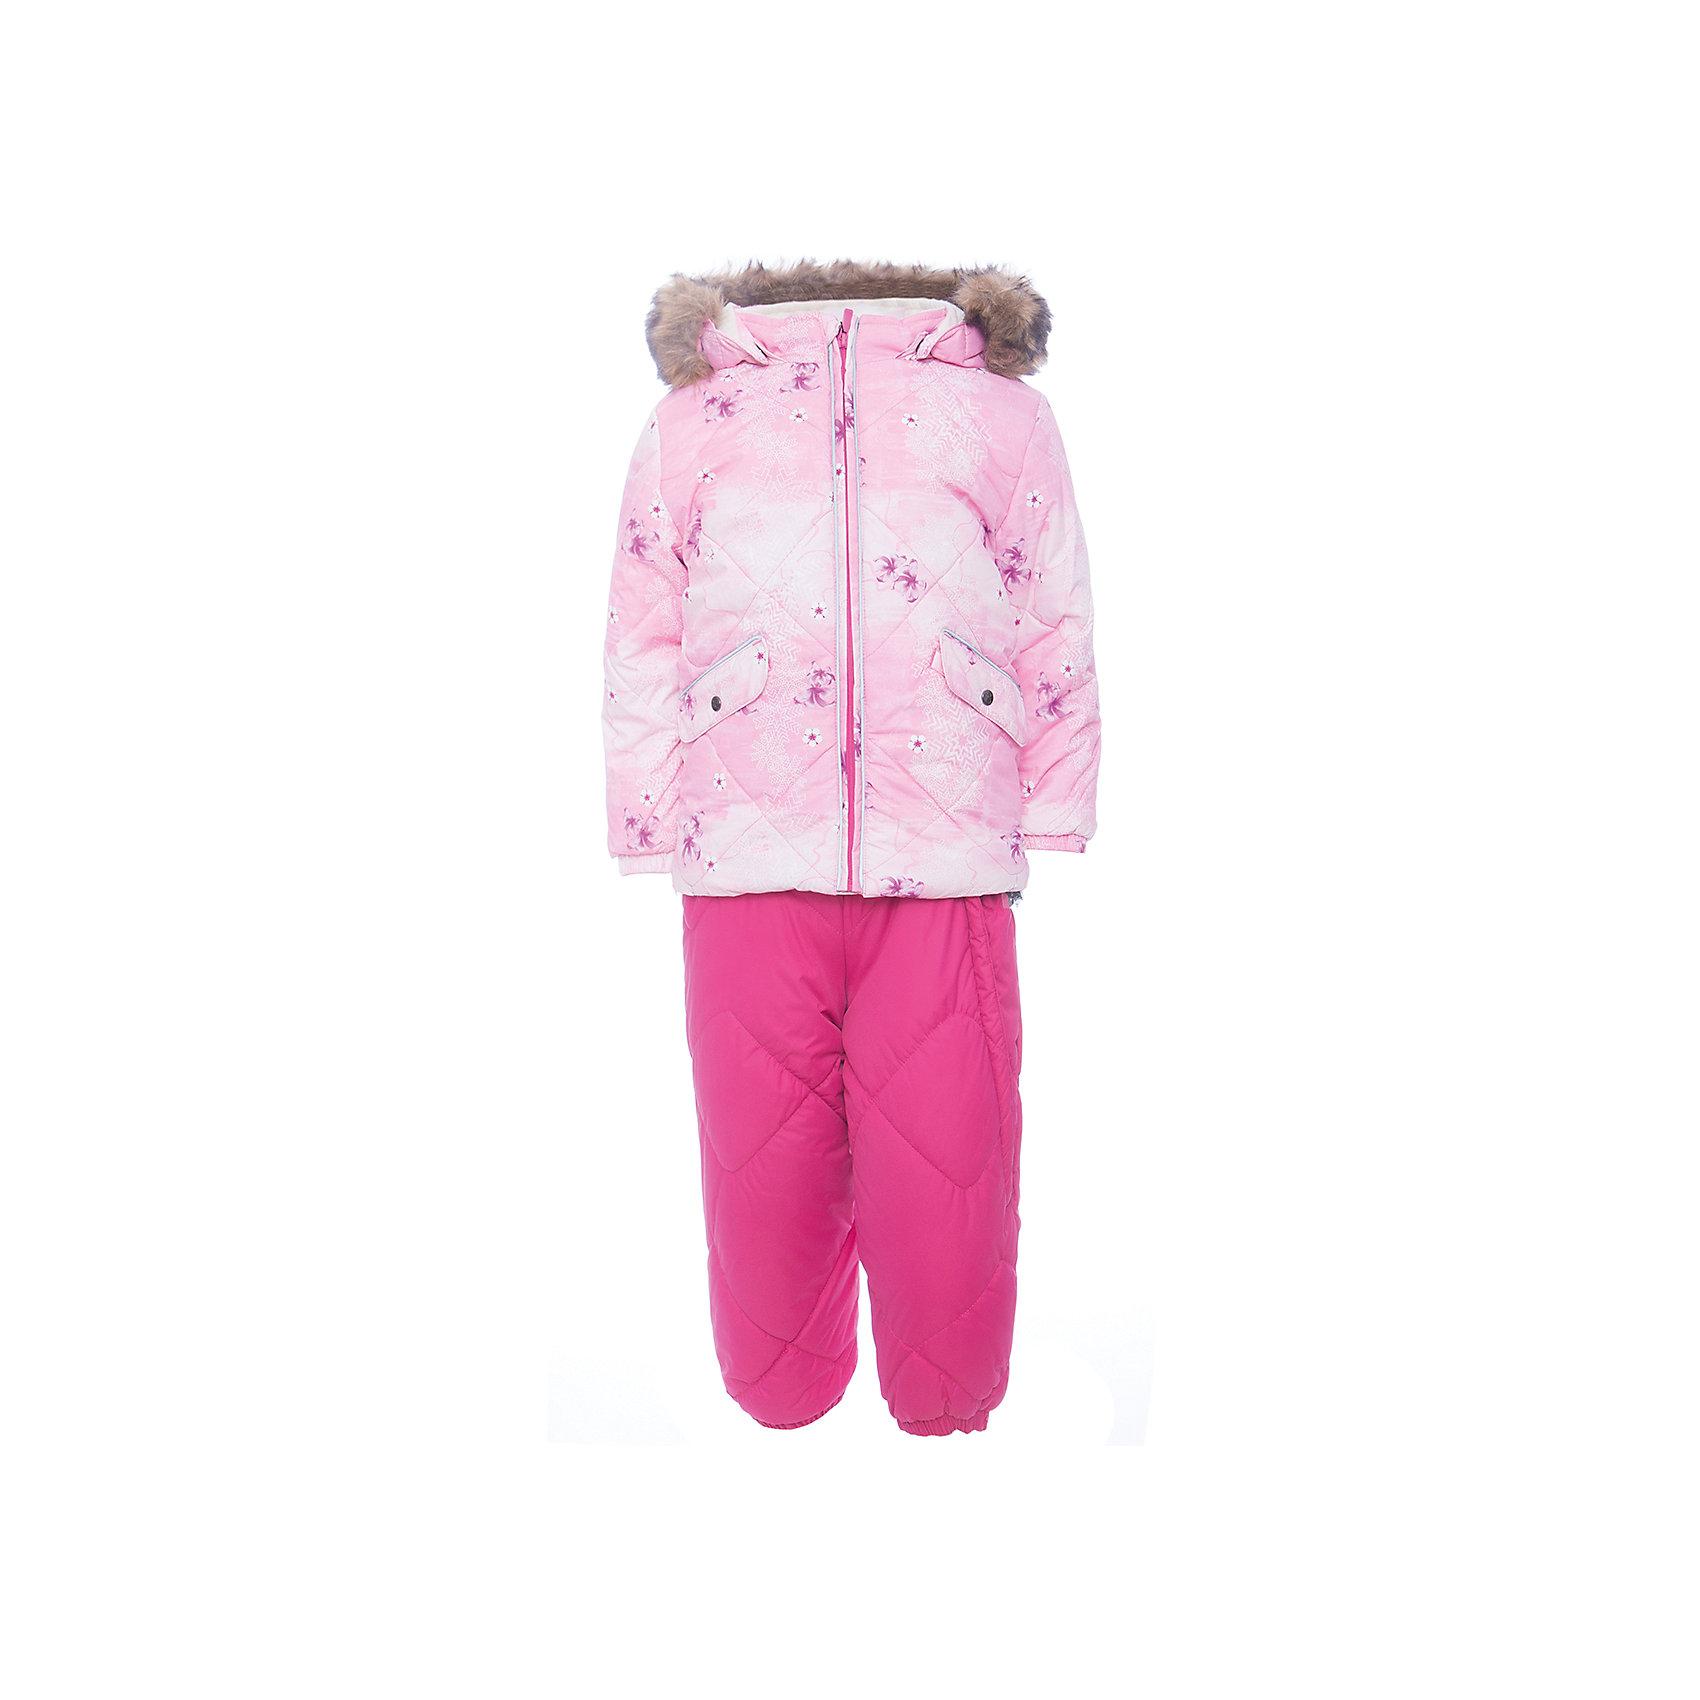 Комплект: куртка и брюки NOELLE 1 HuppaВерхняя одежда<br>Характеристики товара:<br><br>• модель: Noelle 1;<br>• состав: 100% полиэстер;<br>• утеплитель: полиэстер, 300 гр куртка / 160гр брюки;<br>• подкладка: куртка: полиэстер - тафта / полукомбинезон: 100% хлопок - фланель;<br>• сезон: зима;<br>• температурный режим: от -5 до - 30С;<br>• водонепроницаемость: 5000 мм  ;<br>• воздухопроницаемость: 5000 г/м2/24ч;<br>• водо- и ветронепроницаемый, дышащий и грязеотталкивающий материал;<br>• особенности модели: c рисунком; с мехом;<br>• капюшон при необходимости отстегивается;<br>• искусственный мех на капюшоне съемный ;<br>• защита подбородка от защемления;<br>• светоотражающих элементов для безопасности ребенка ;<br>• карманы на кнопках;<br>• манжеты рукавов на резинке; <br>• манжеты брюк на резинках;<br>• съемные силиконовые штрипки;<br>• внутренняя регулировка обхвата талии;<br>• страна бренда: Финляндия;<br>• страна изготовитель: Эстония.<br><br>Зимний комплект Noelle 1 для девочки бренда HUPPA влагонепроницаемый и дышащий. Куртка с утеплителем 300 гр и брюки с утеплителем 160 гр подойдут на температуру от -5 до -30 градусов. Подкладка —фланель - 100% хлопок,тафта.<br><br>Функциональные элементы: Куртка: капюшон отстегивается с помощью кнопок, мех отстегивается, защита подбородка от защемления, мягкая меховая подкладка, карманы на кнопках, манжеты на резинке, светоотражающие элементы. Брюки: регулируемые лямки, удлиненная косая молния, карман без застежек, подол штанин на резинке, съемные силиконовые штрипки, светоотражающие элементы. <br><br>Зимний комплект Noelle 1 для девочки бренда HUPPA  можно купить в нашем интернет-магазине.<br><br>Ширина мм: 356<br>Глубина мм: 10<br>Высота мм: 245<br>Вес г: 519<br>Цвет: розовый<br>Возраст от месяцев: 36<br>Возраст до месяцев: 48<br>Пол: Унисекс<br>Возраст: Детский<br>Размер: 104,80,86,92,98<br>SKU: 7024646